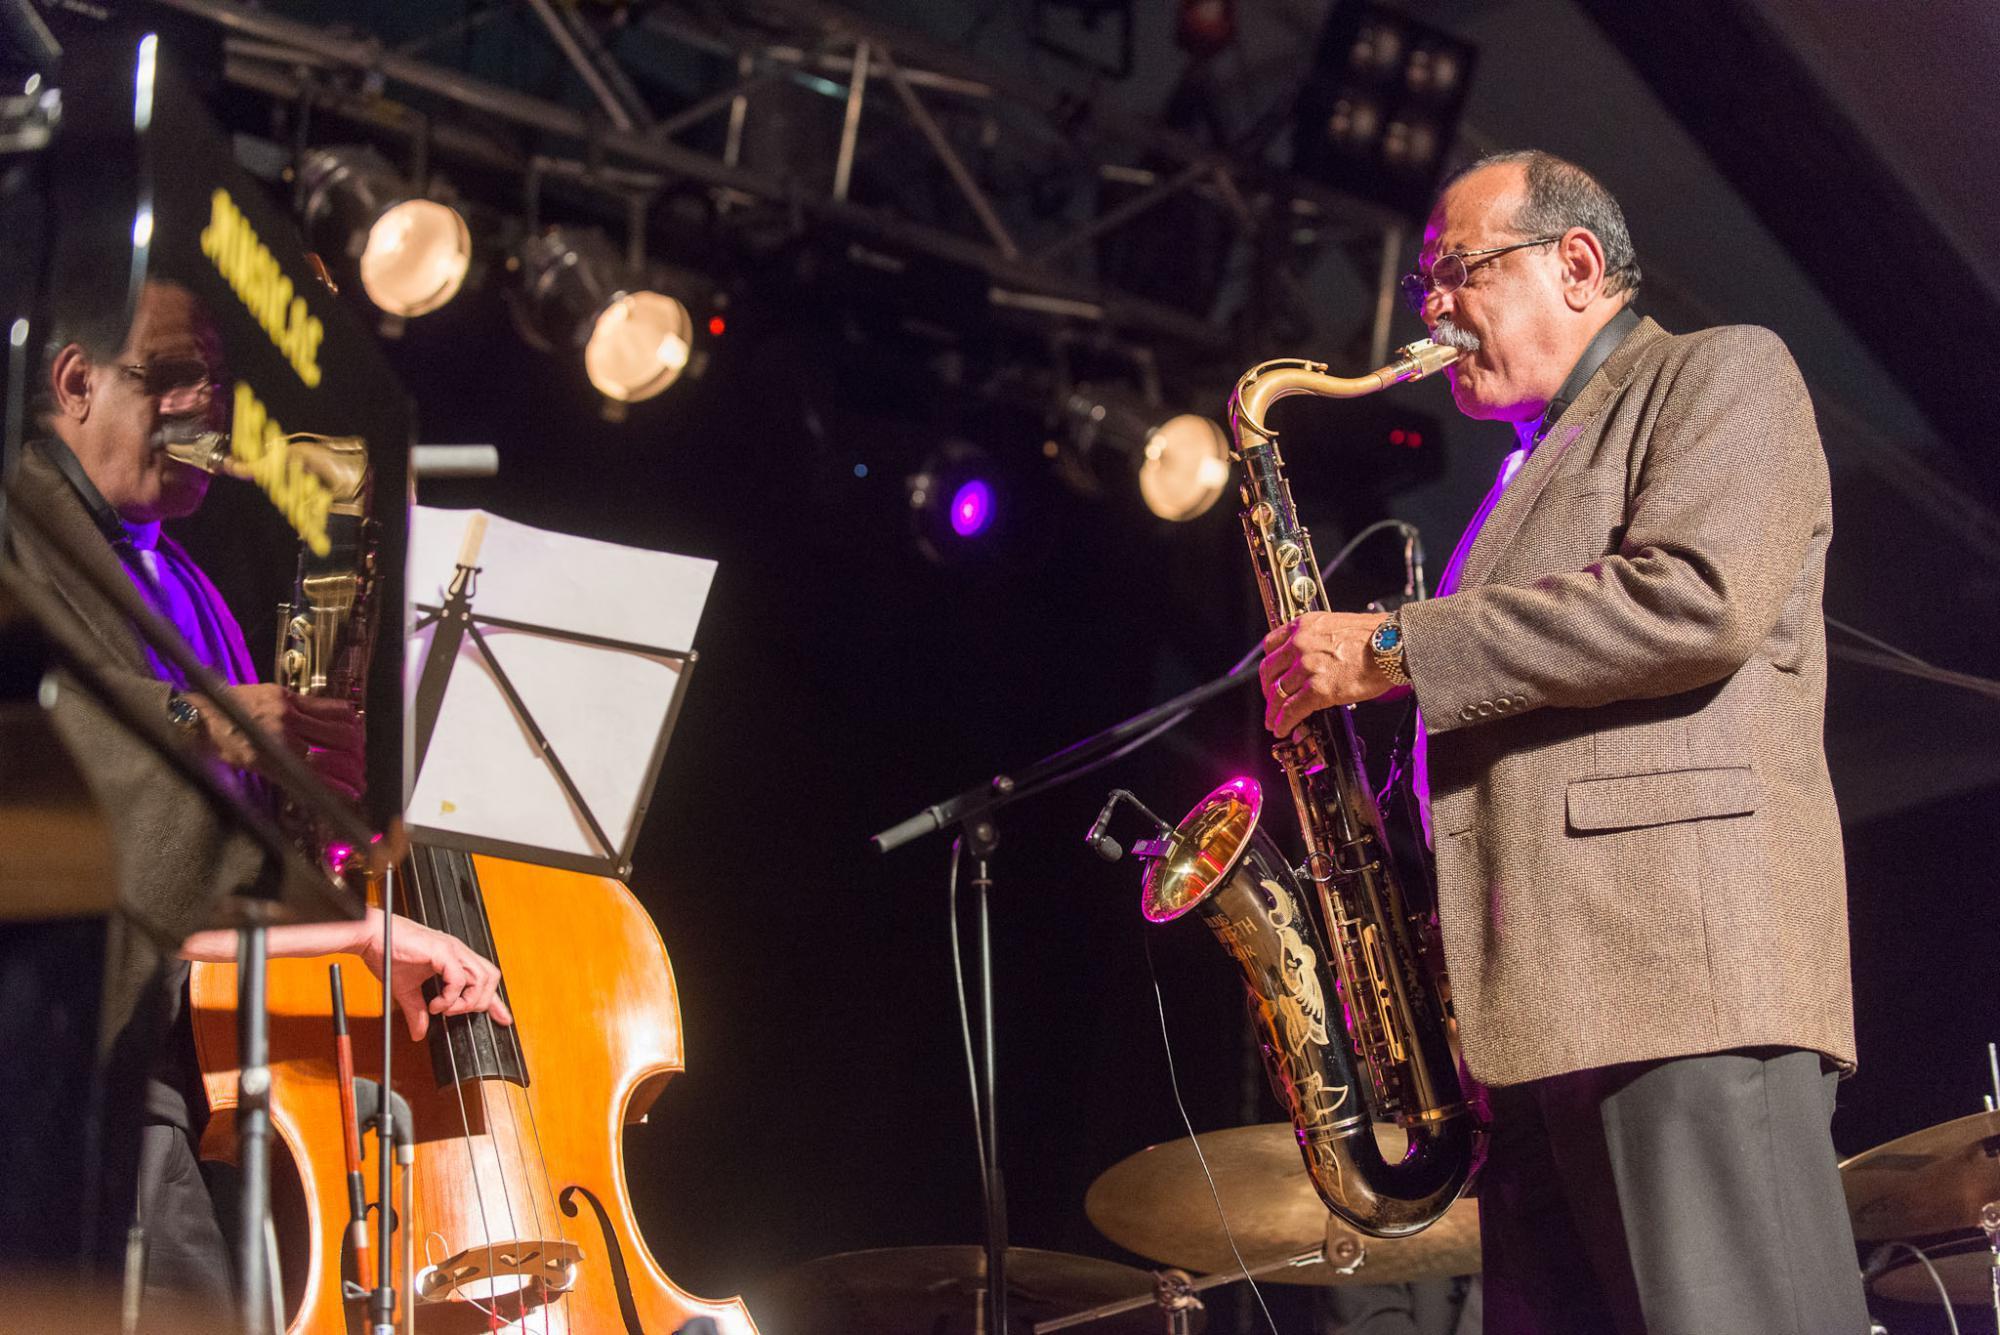 El concierto de Patricia Kraus, brillante cierre para el ciclo Jazz en el Tyce